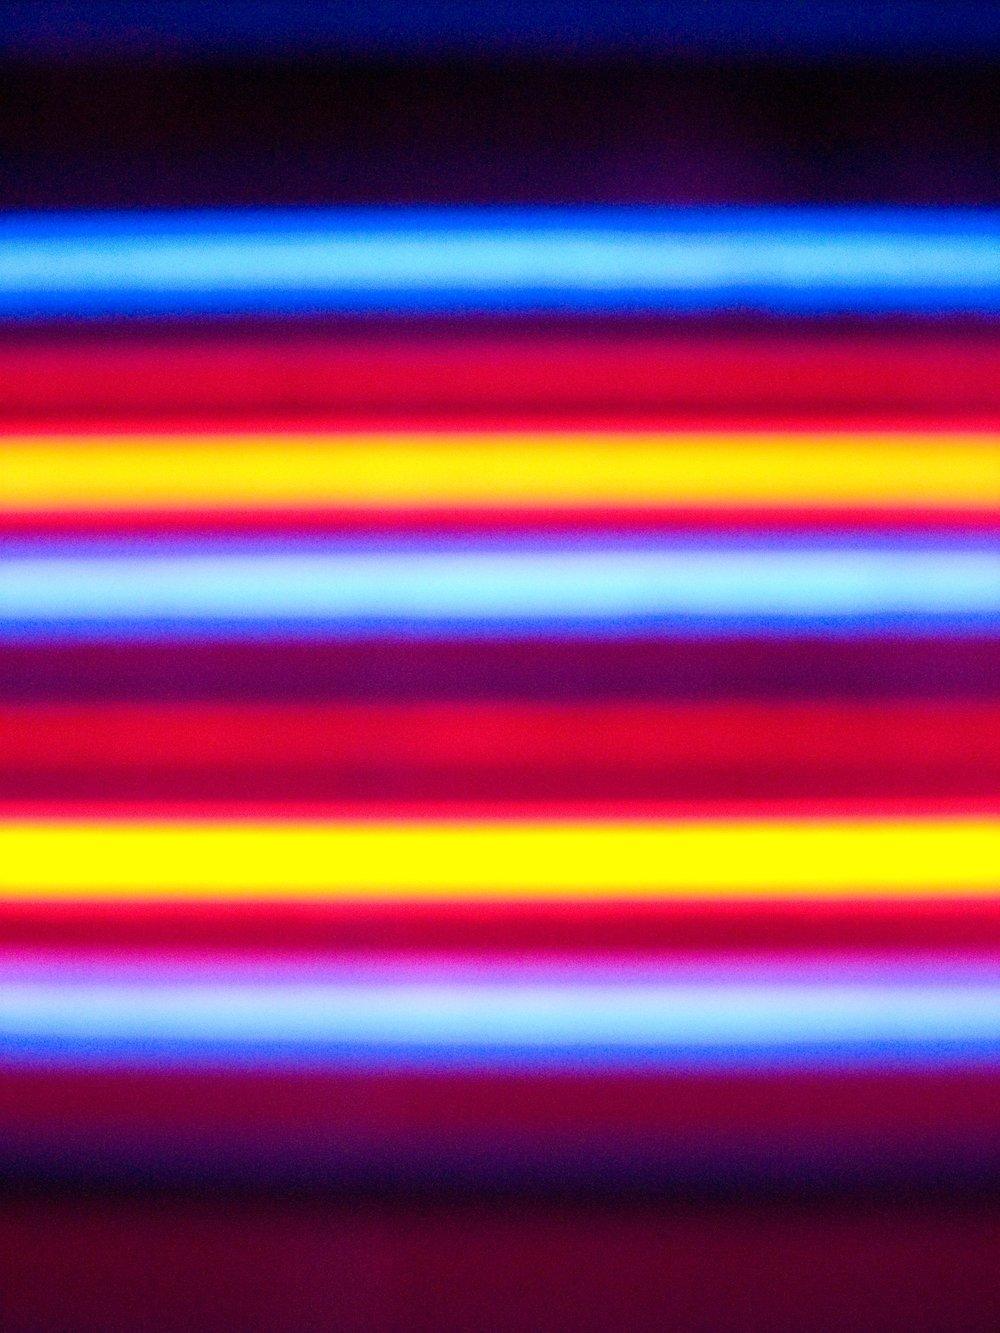 迷幻的竹子-12_Psychedelic Bamboo 07_120x90cm_2011_compressed.jpg